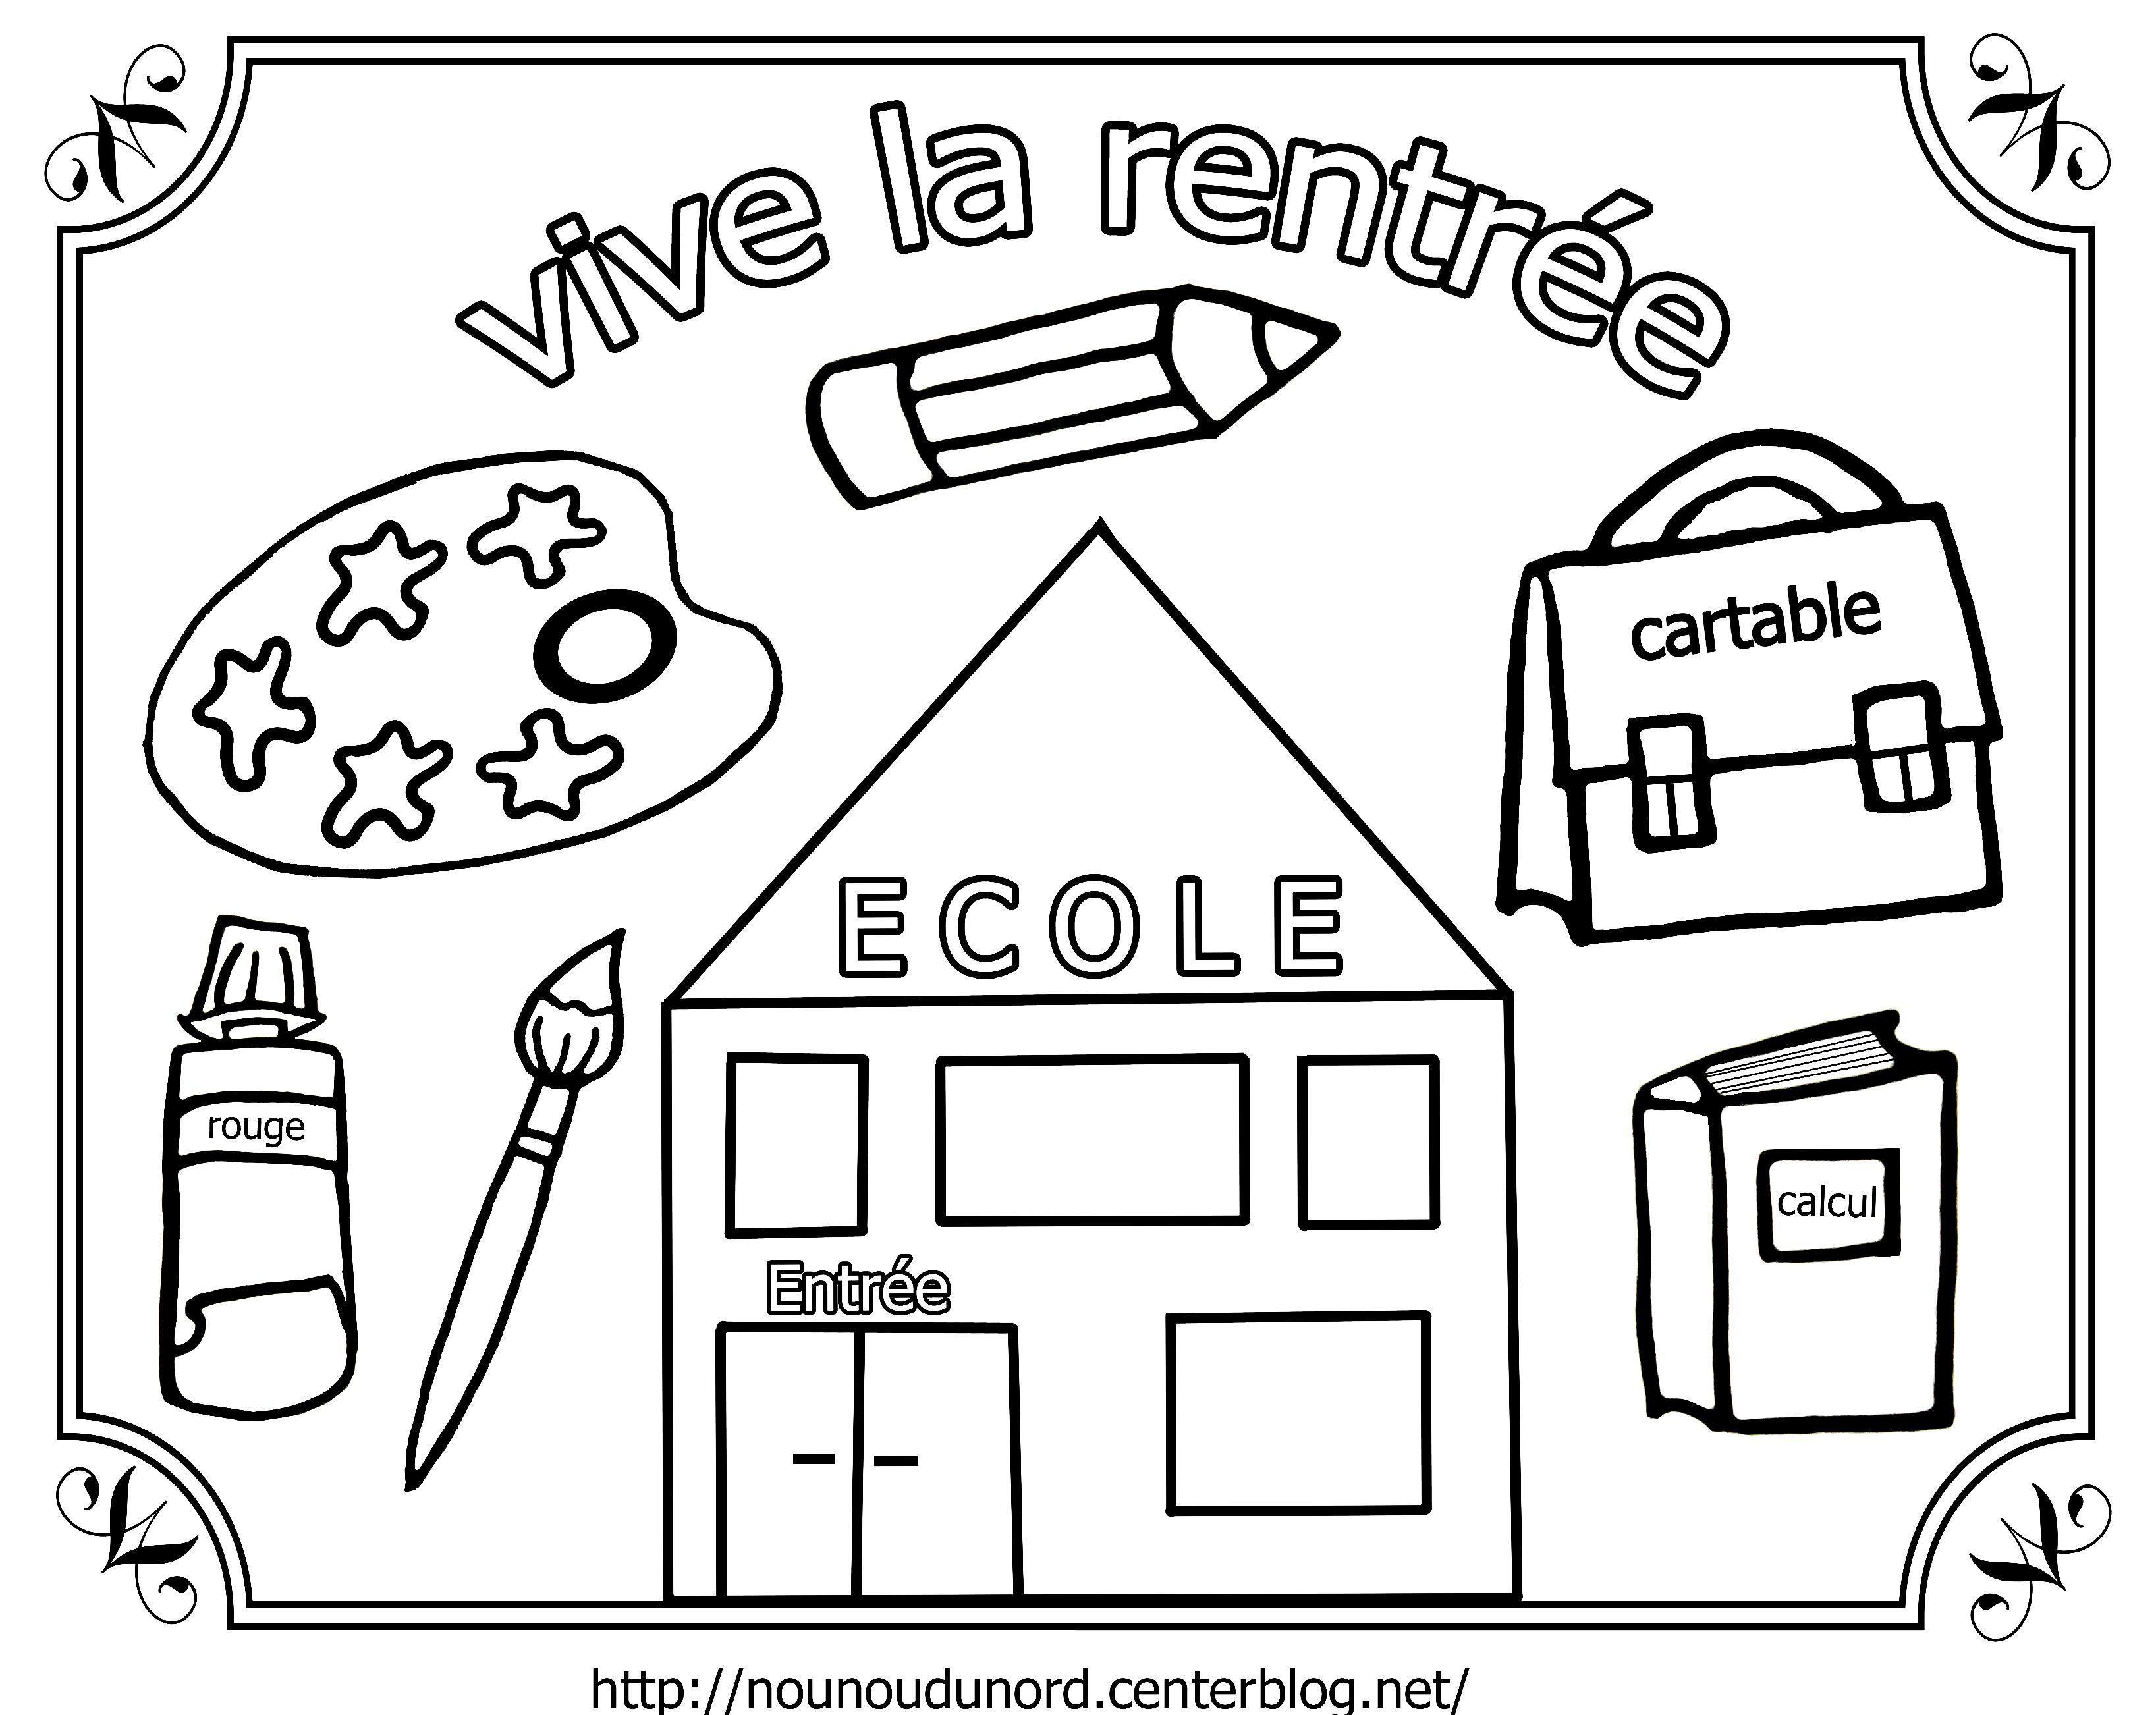 Coloriage vive la rentr e dessin par nounoudunord - Decoration des classes pour la rentree scolaire ...